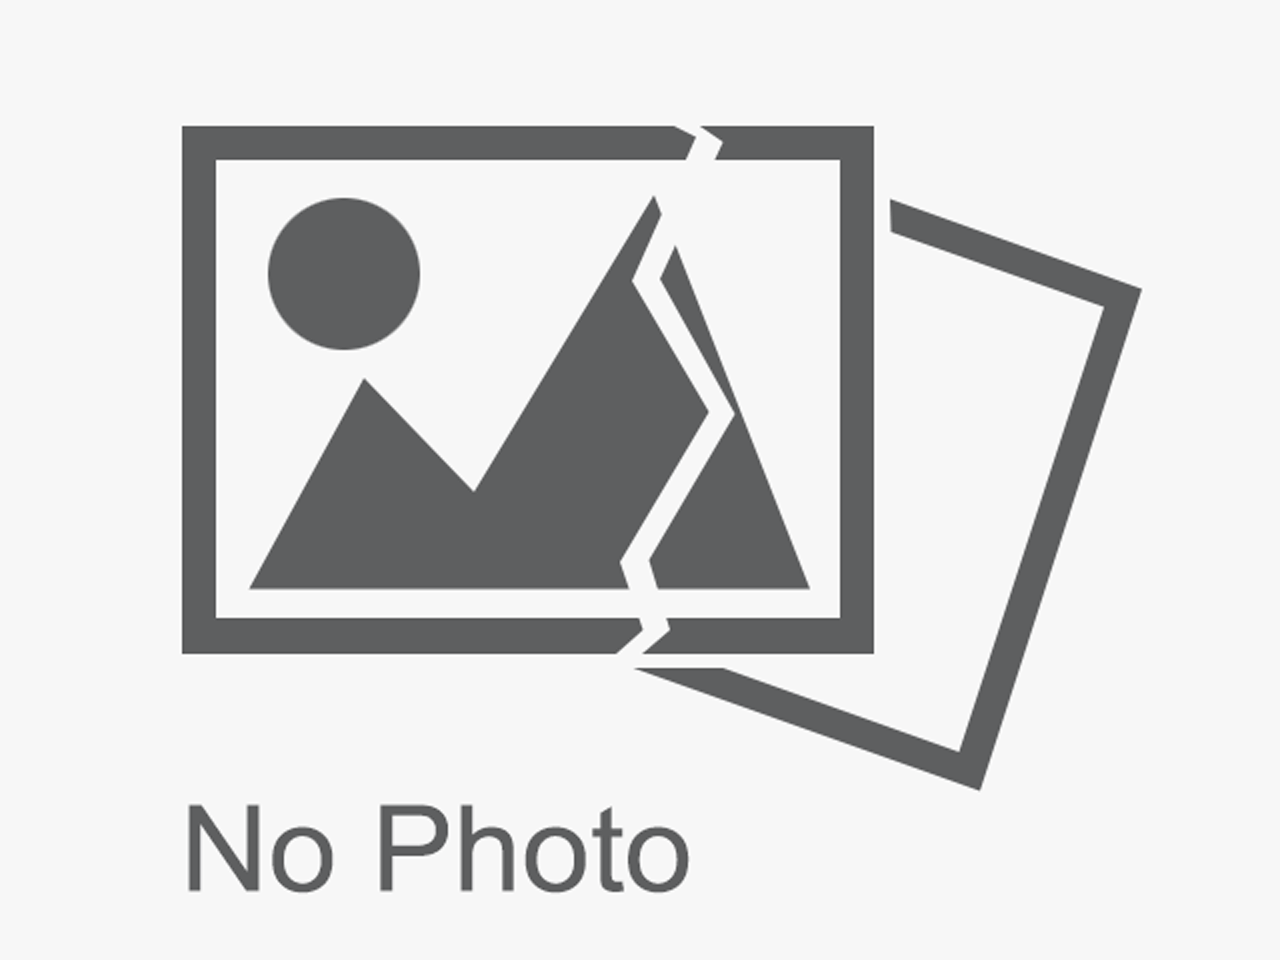 Használt 1K0M951117A Riasztó ultrahang érzékelő Alkatrész